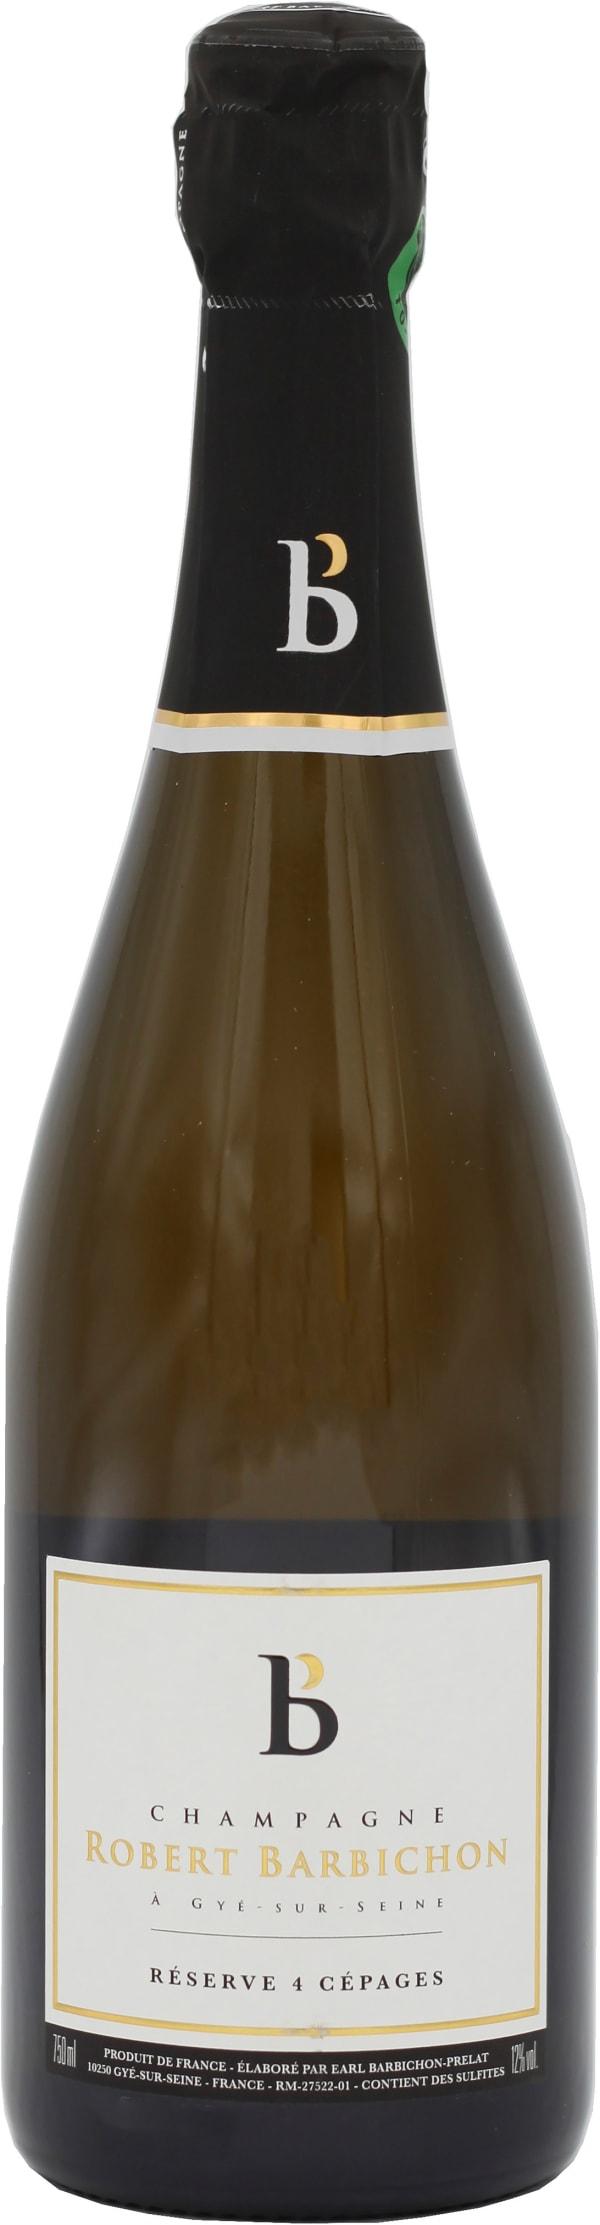 Robert Barbichon 4 Cepage Reserve Champagne Brut